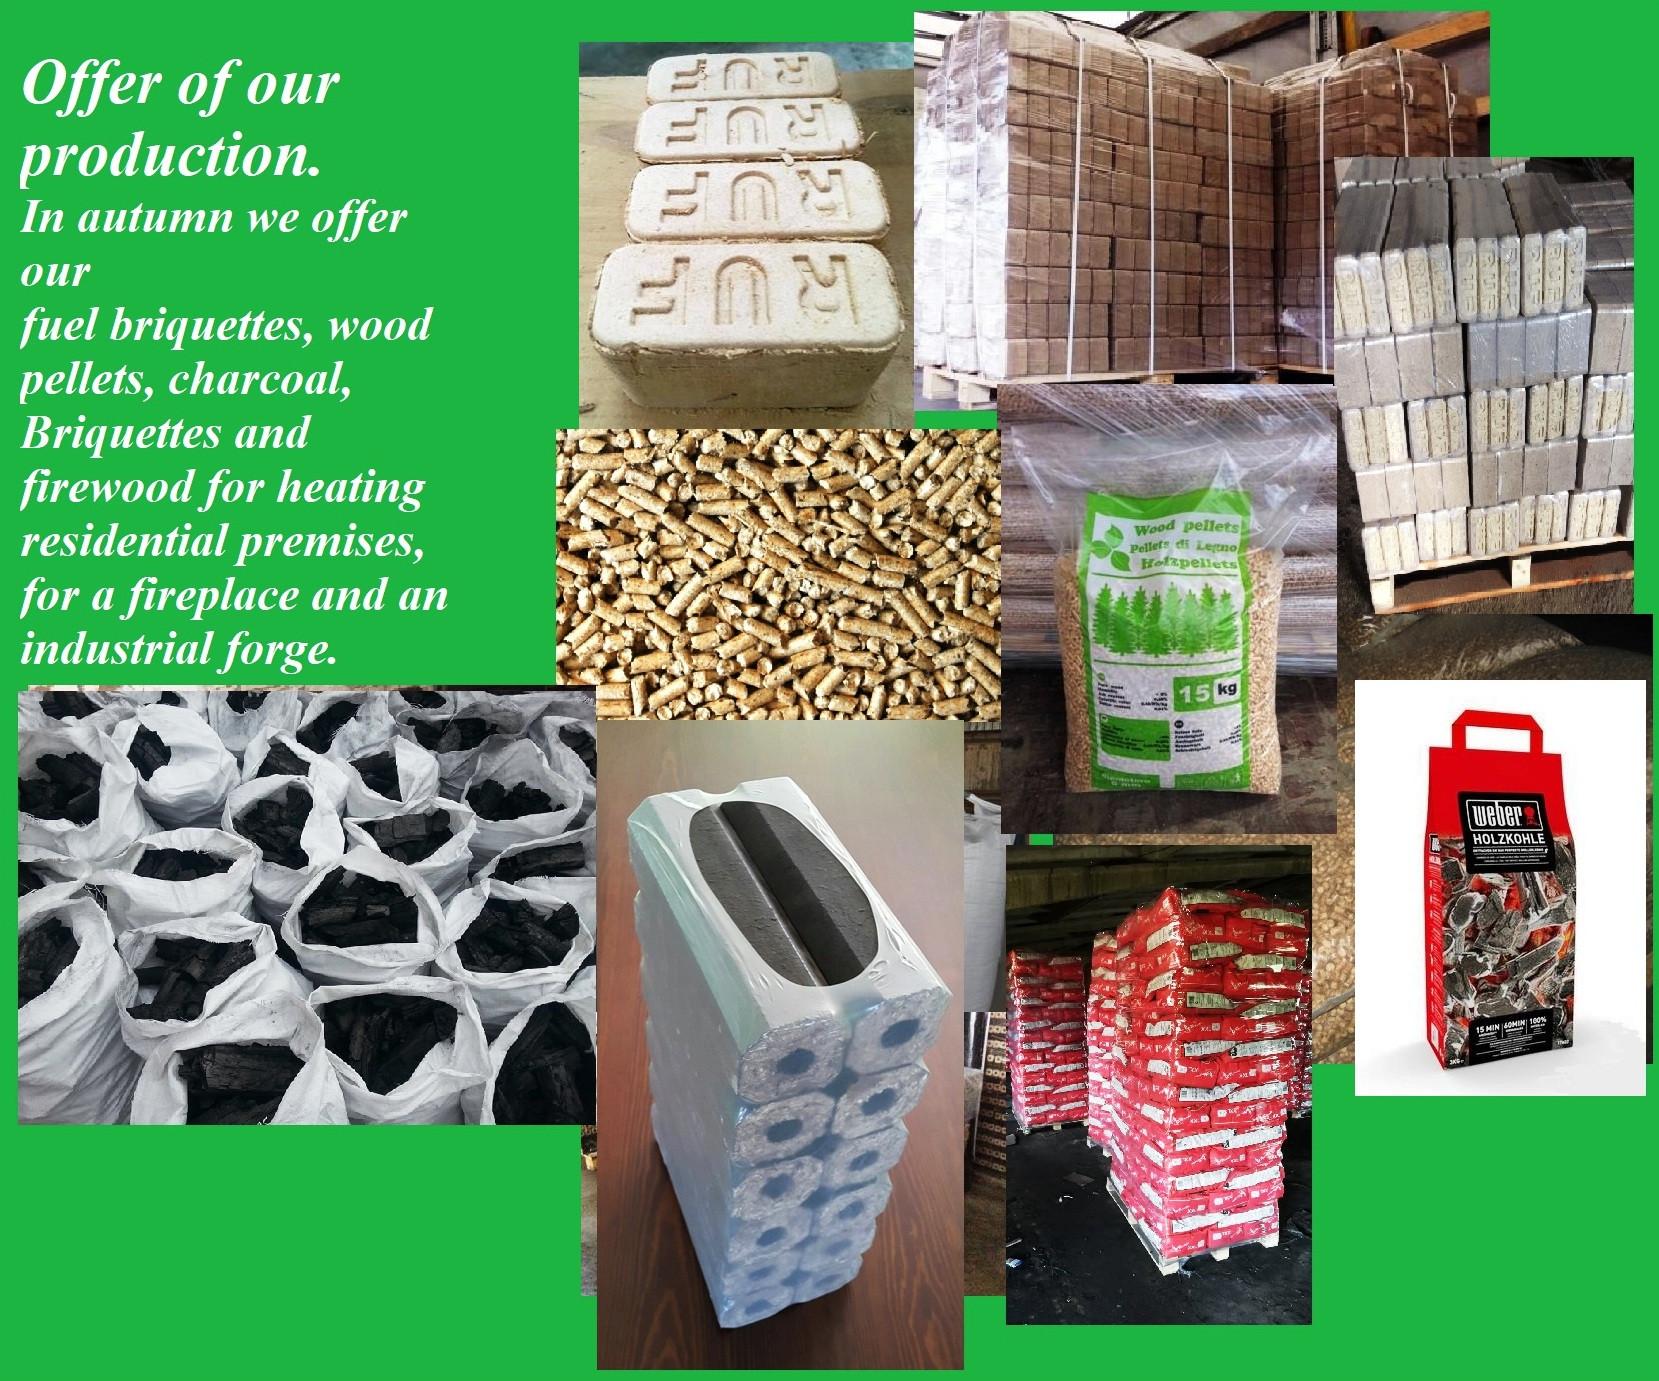 Fuel Briquettes, wood pellets, Charcoal